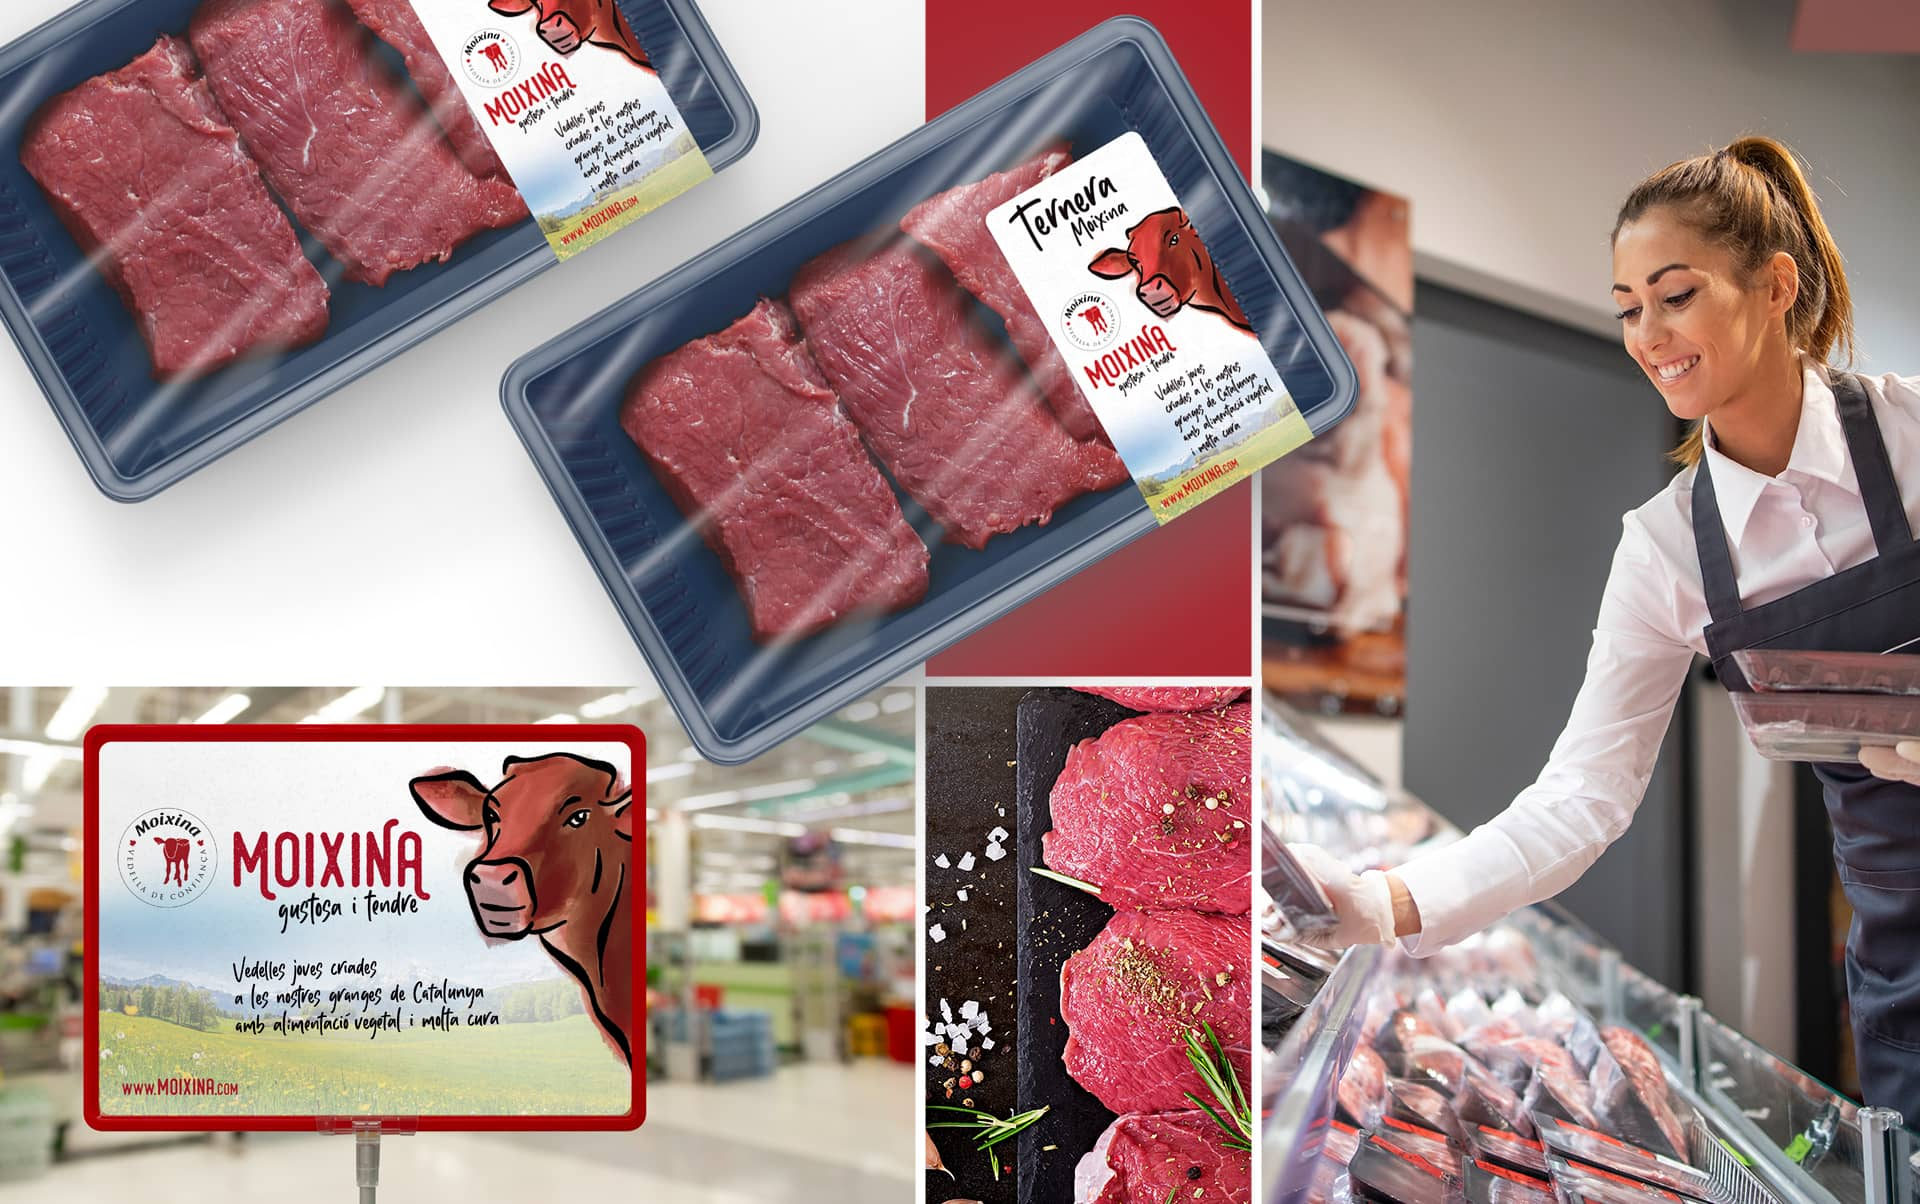 04 creacion de imagen coporativa alimentacion - Reposicionamiento de producto para una empresa distribuidora del sector cárnico